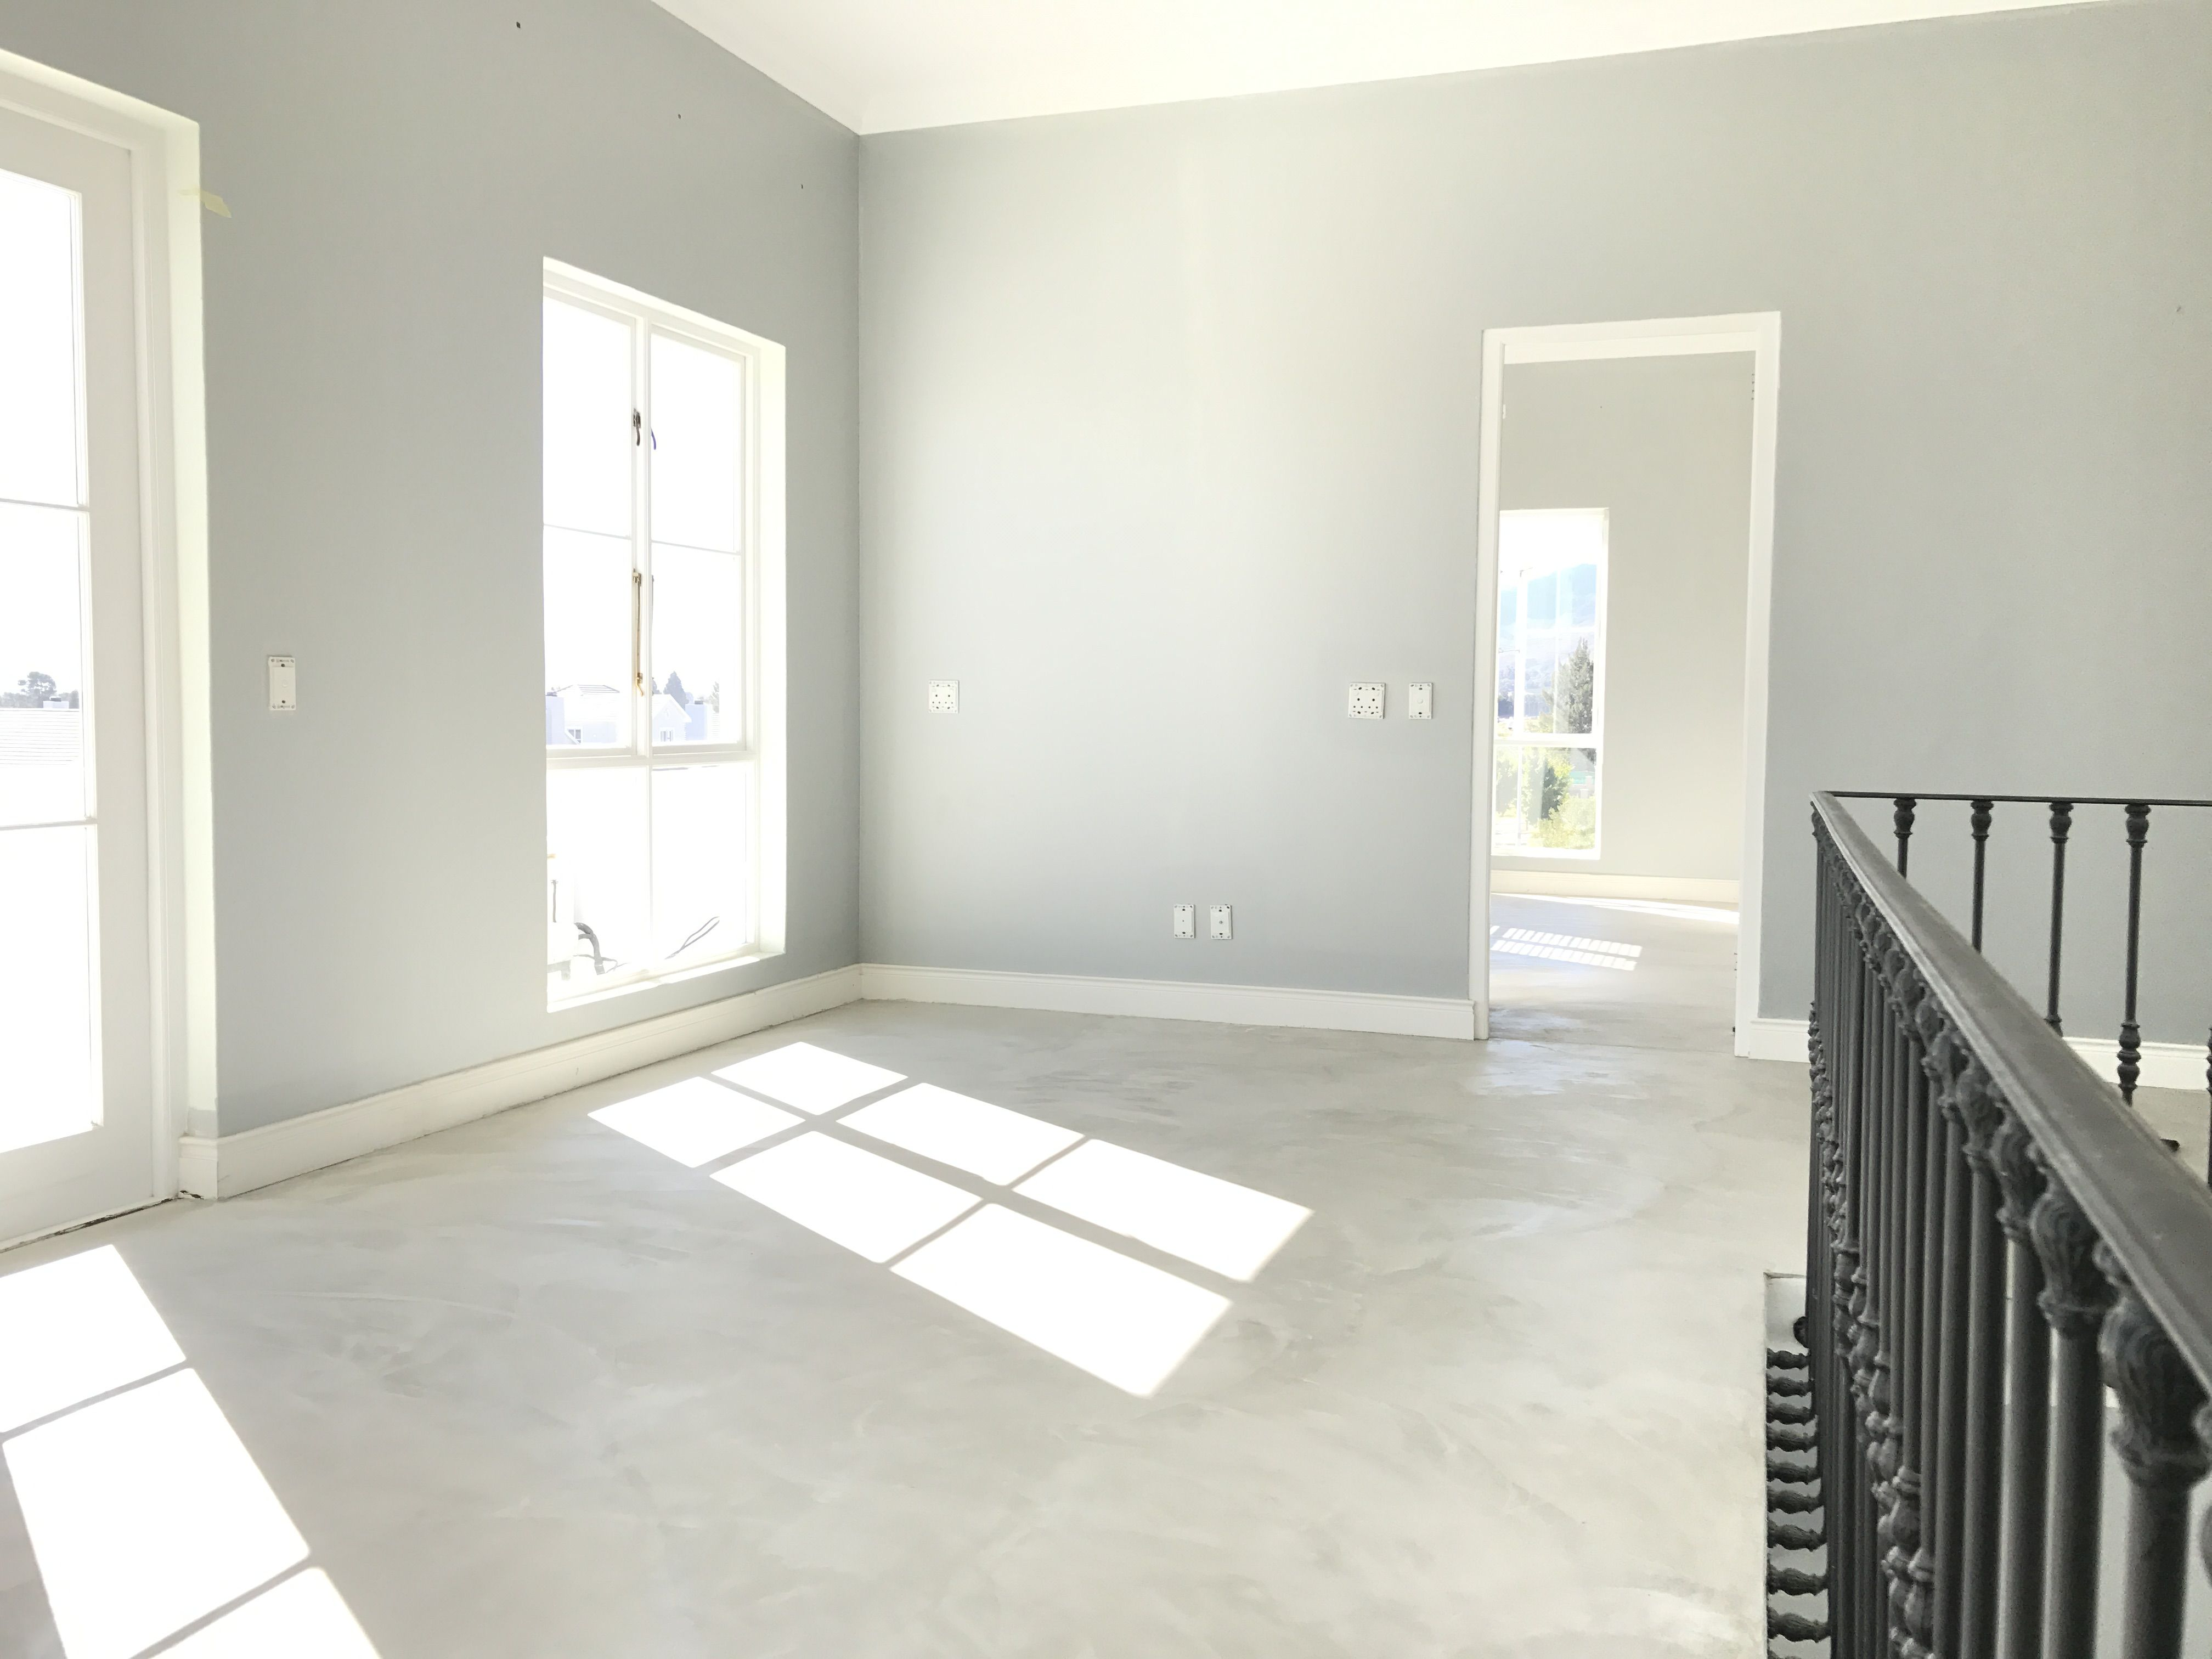 Screed flooring Best living room design, Screed floors